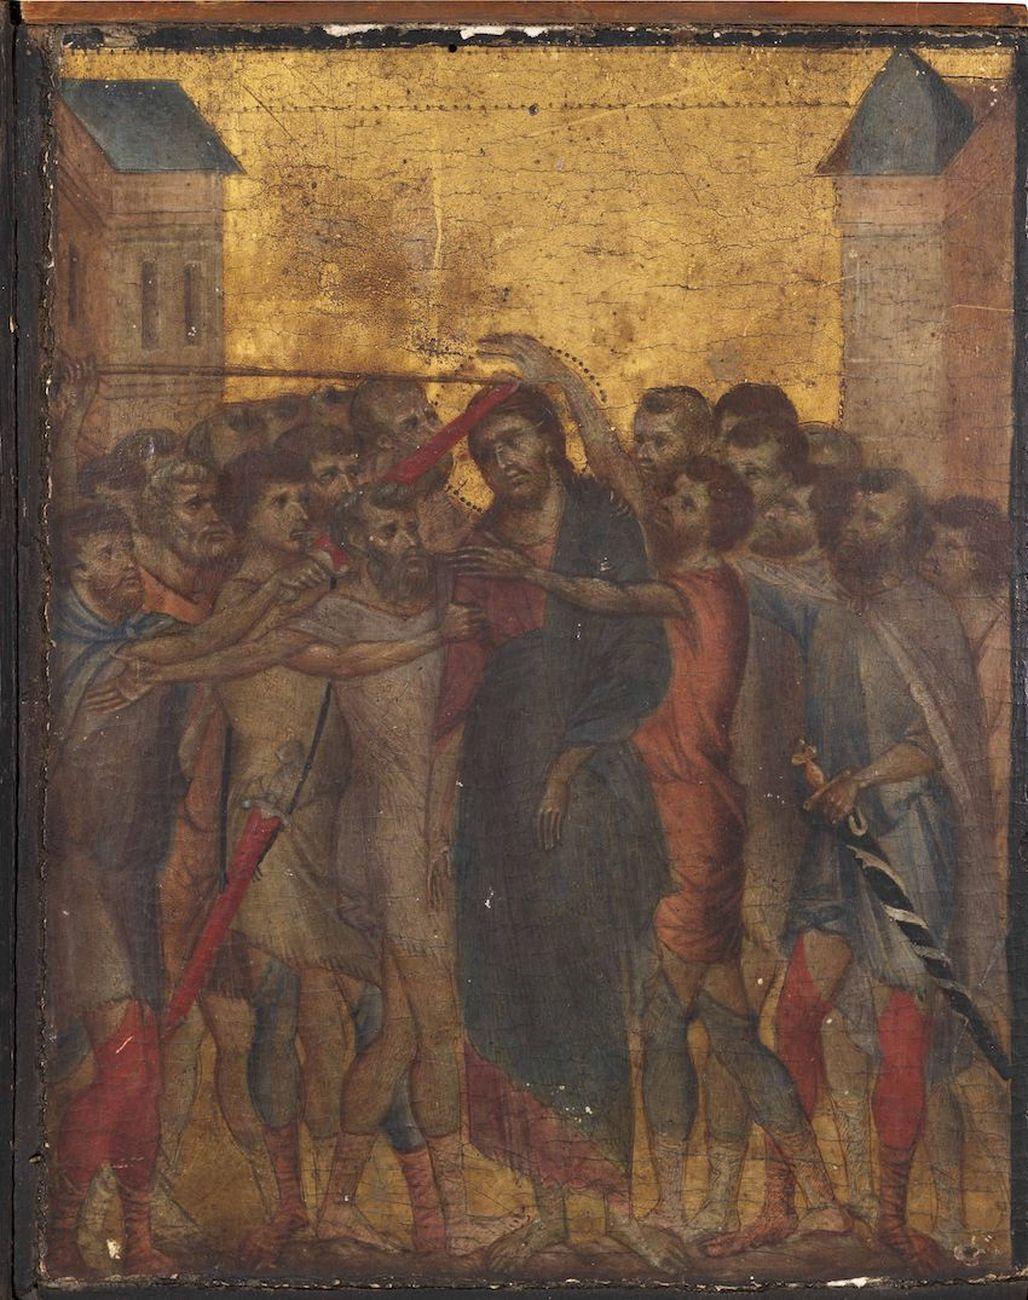 Cimabue, Cristo deriso, 1280, tempera su fondo oro su una tavola di legno di pioppo, 25,8x20,3 cm, collezione privata